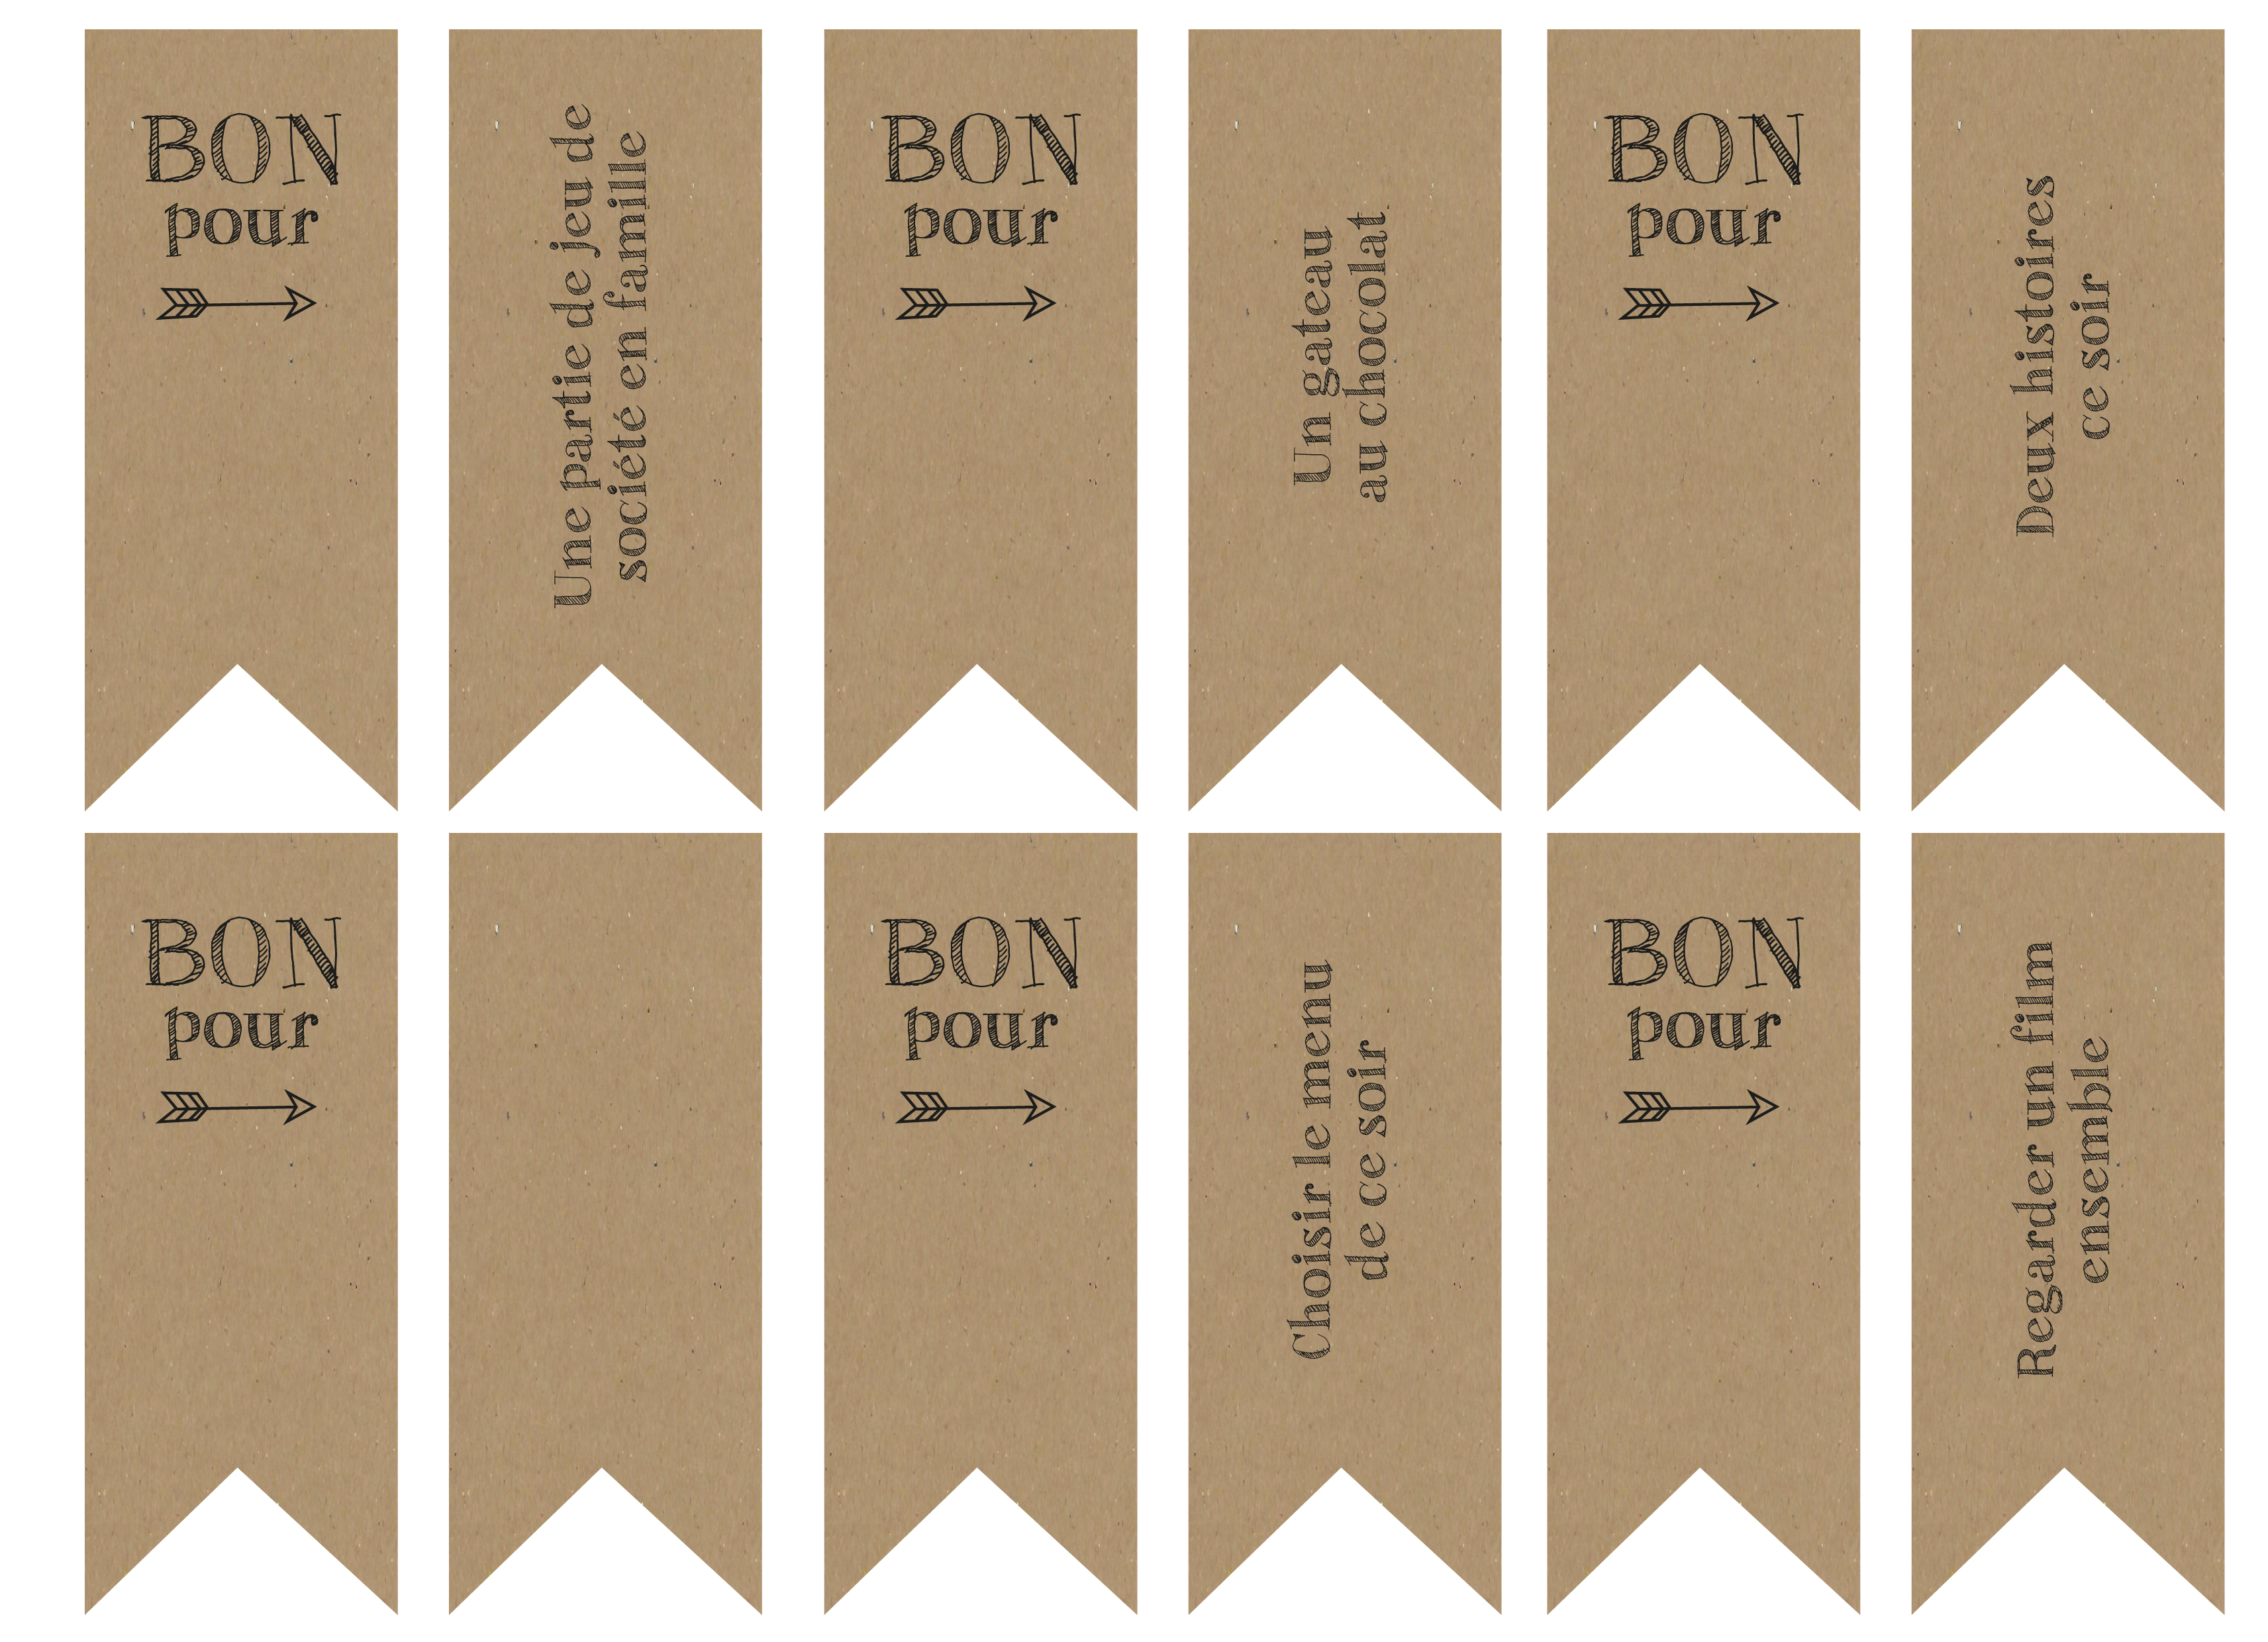 printable et diy un calendrier de l 39 avent la vie en plus joli. Black Bedroom Furniture Sets. Home Design Ideas